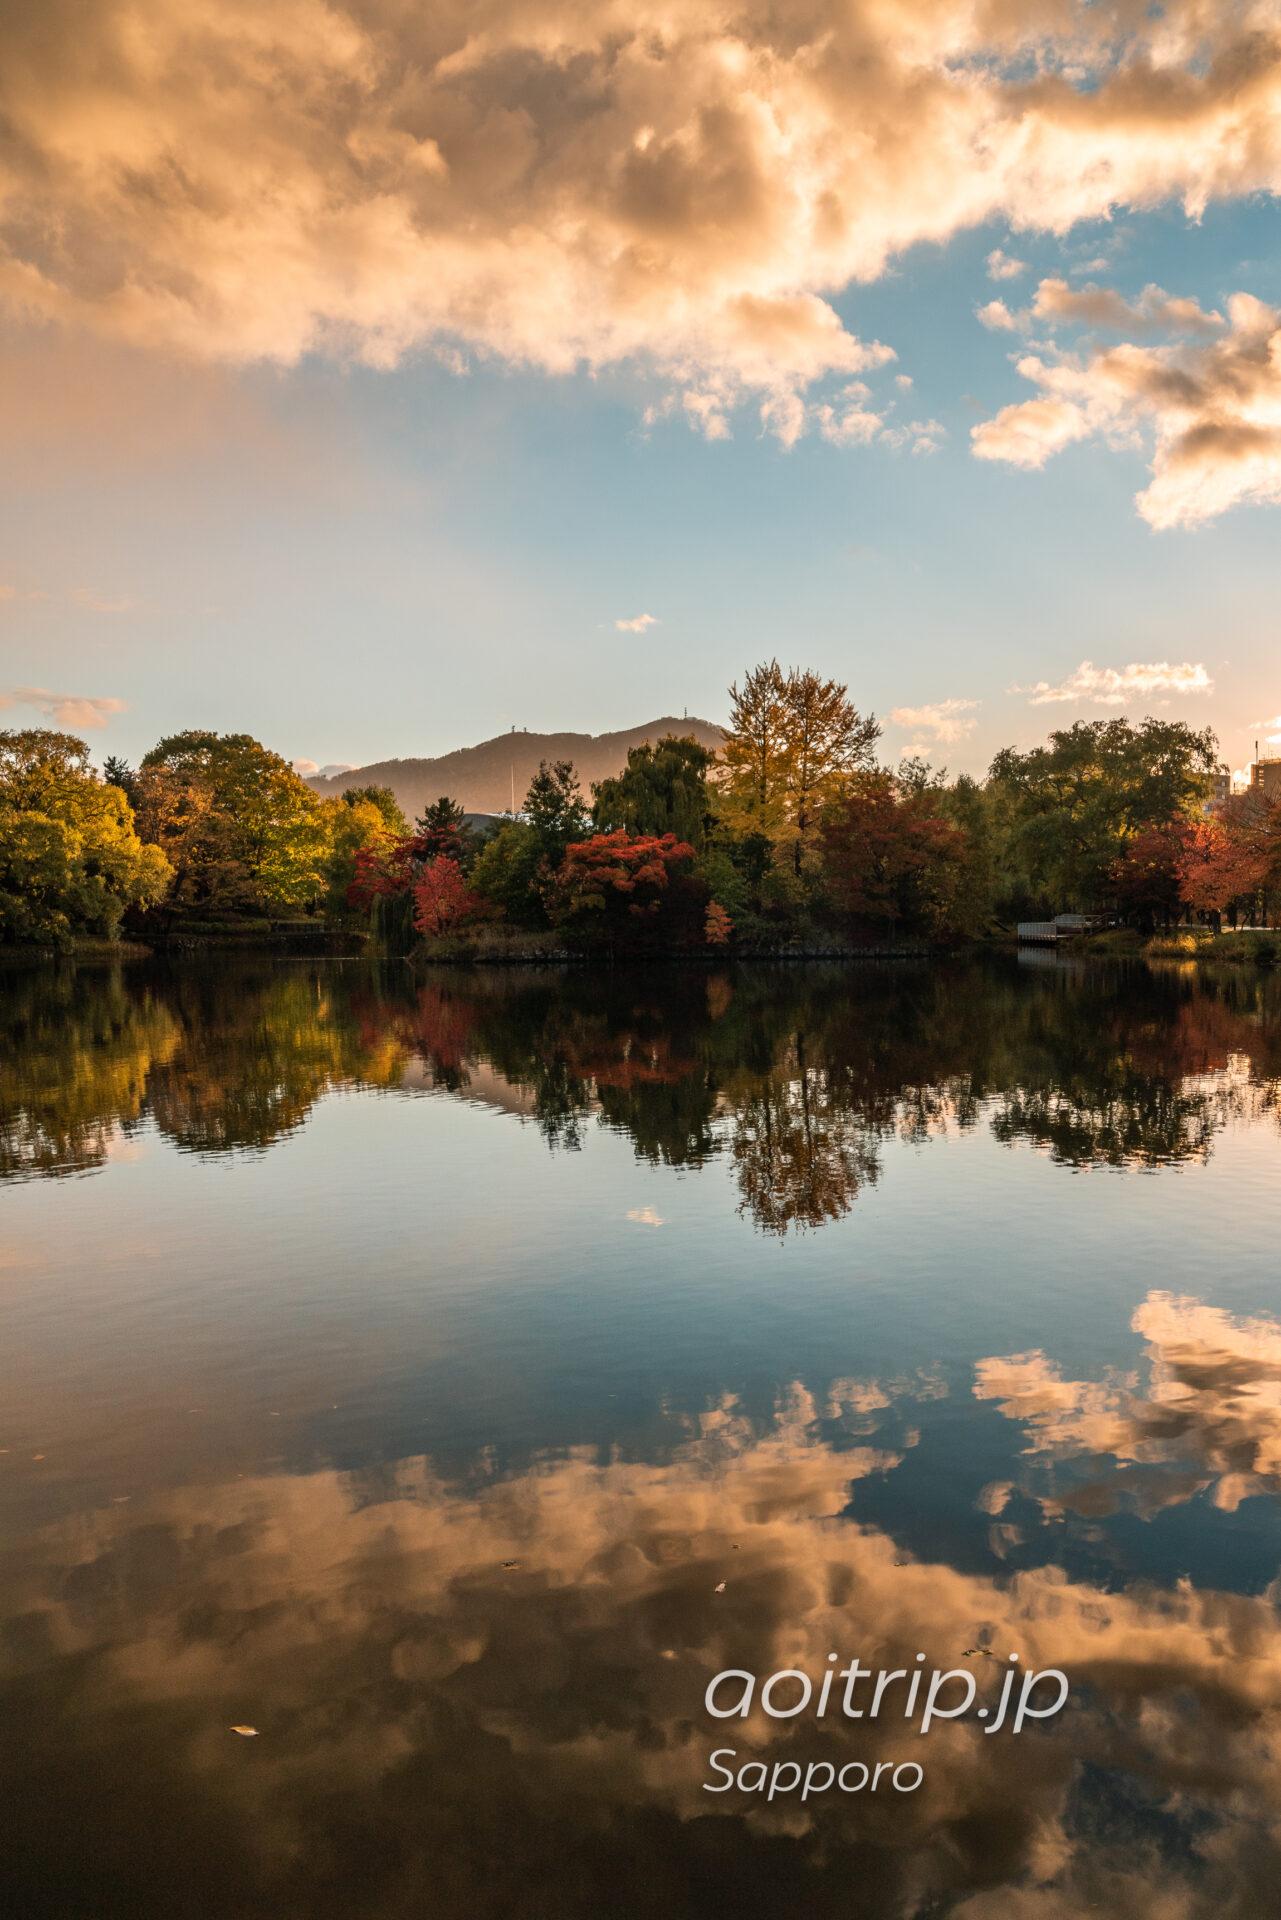 札幌の中島公園 菖蒲池の紅葉